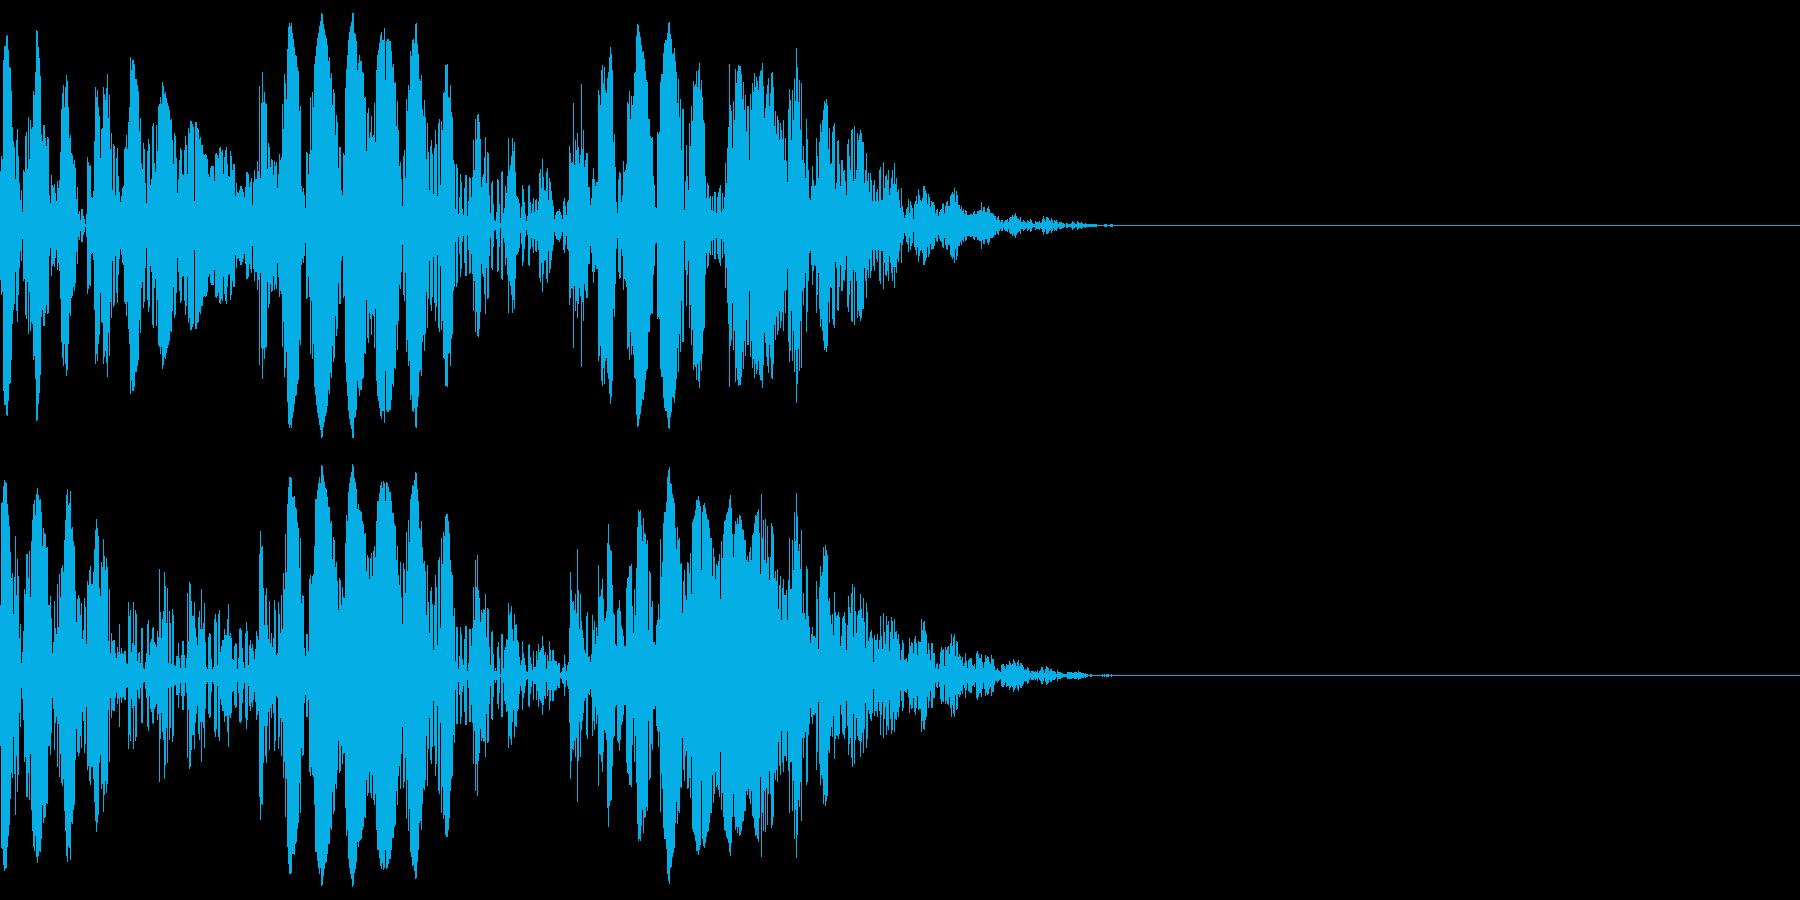 ブニョニョ(マイナスイメージ_毒_連続)の再生済みの波形